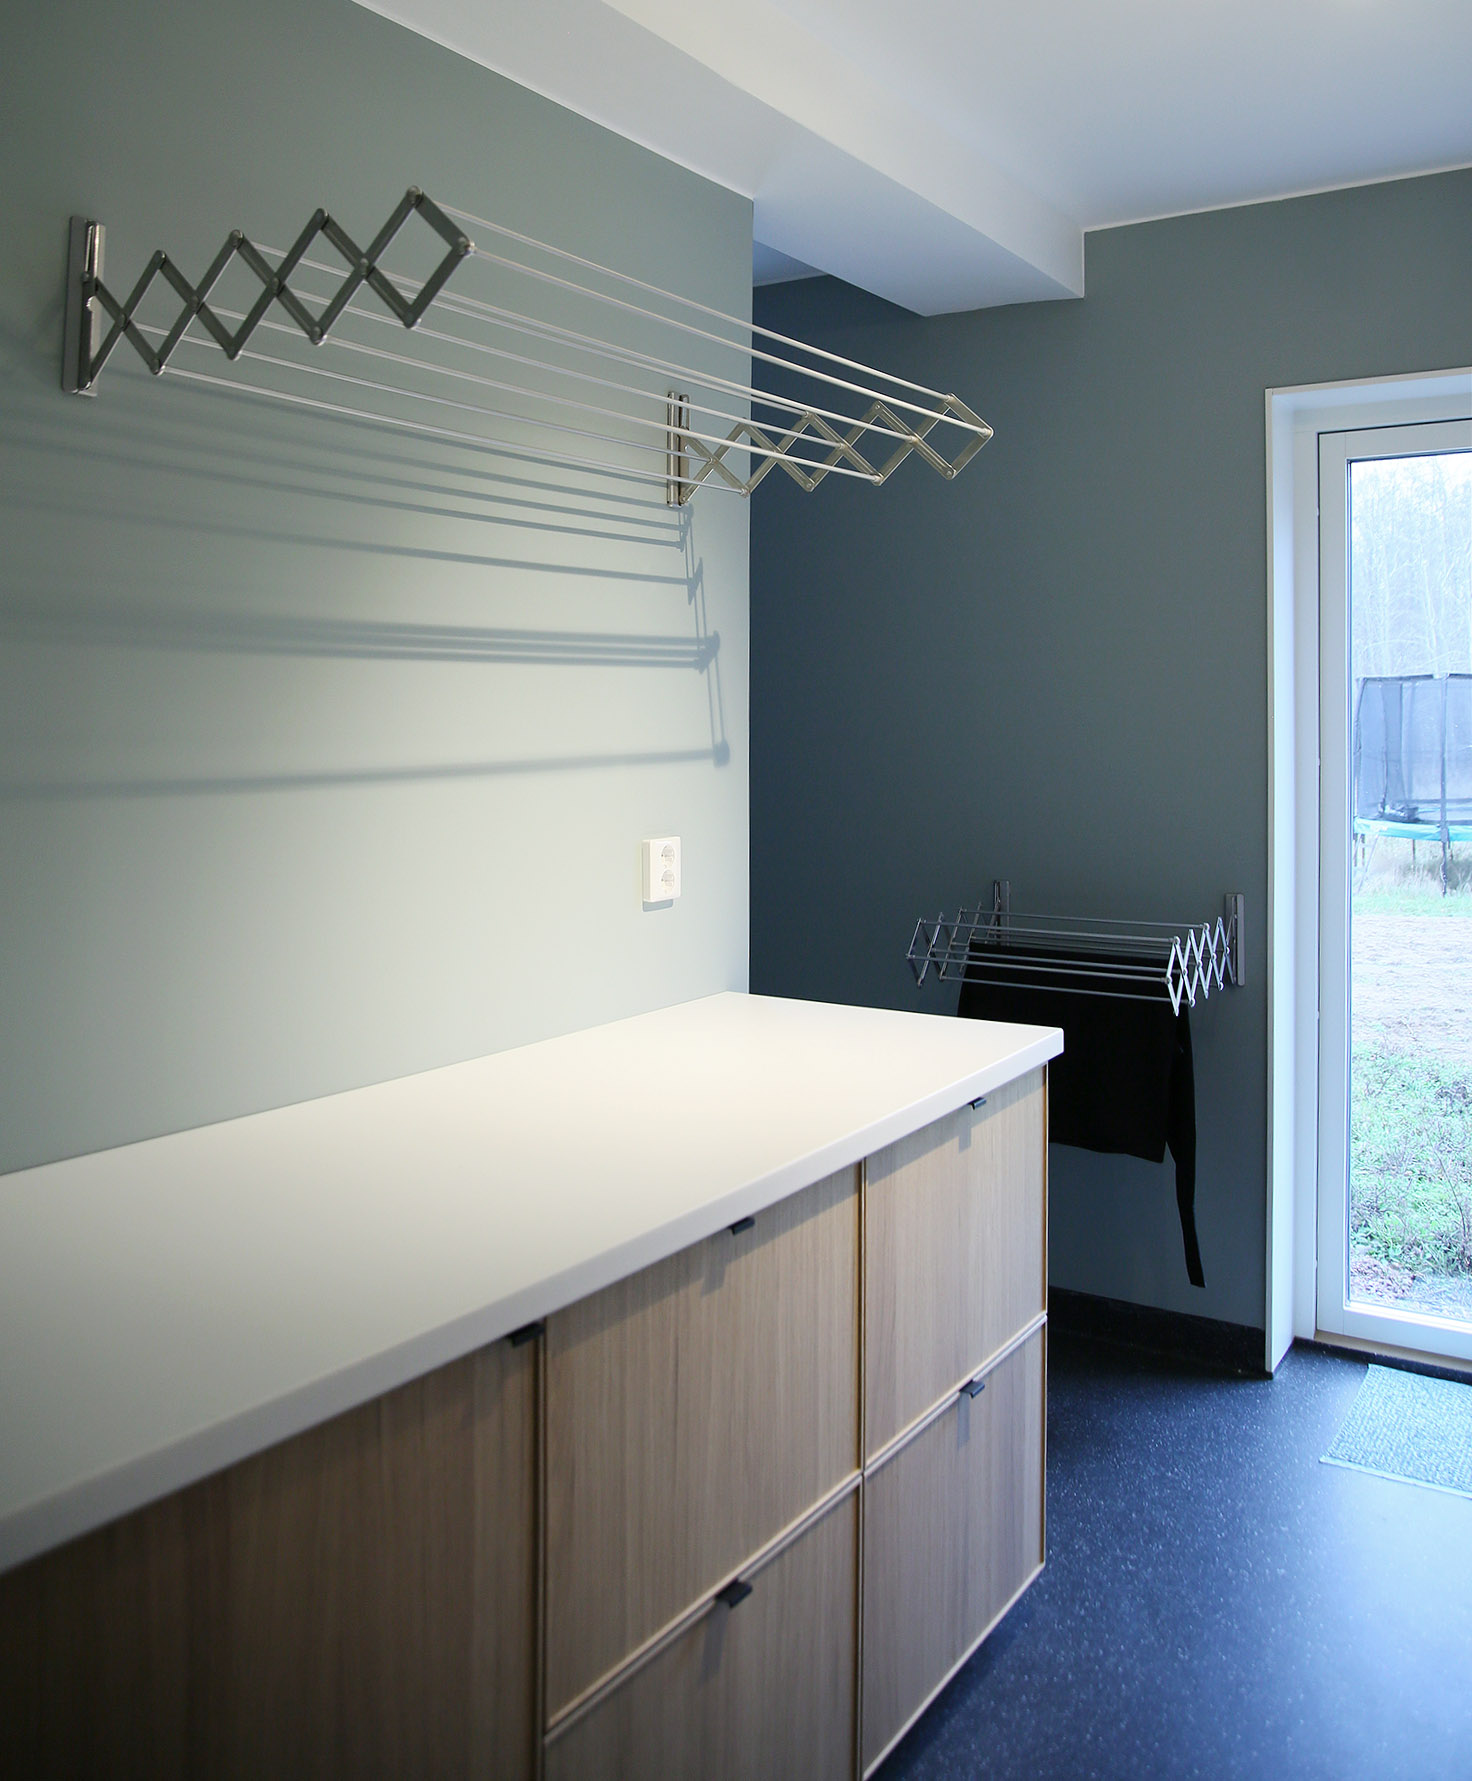 Utdragbar torkställning till tvättstugan - fixaodona.se